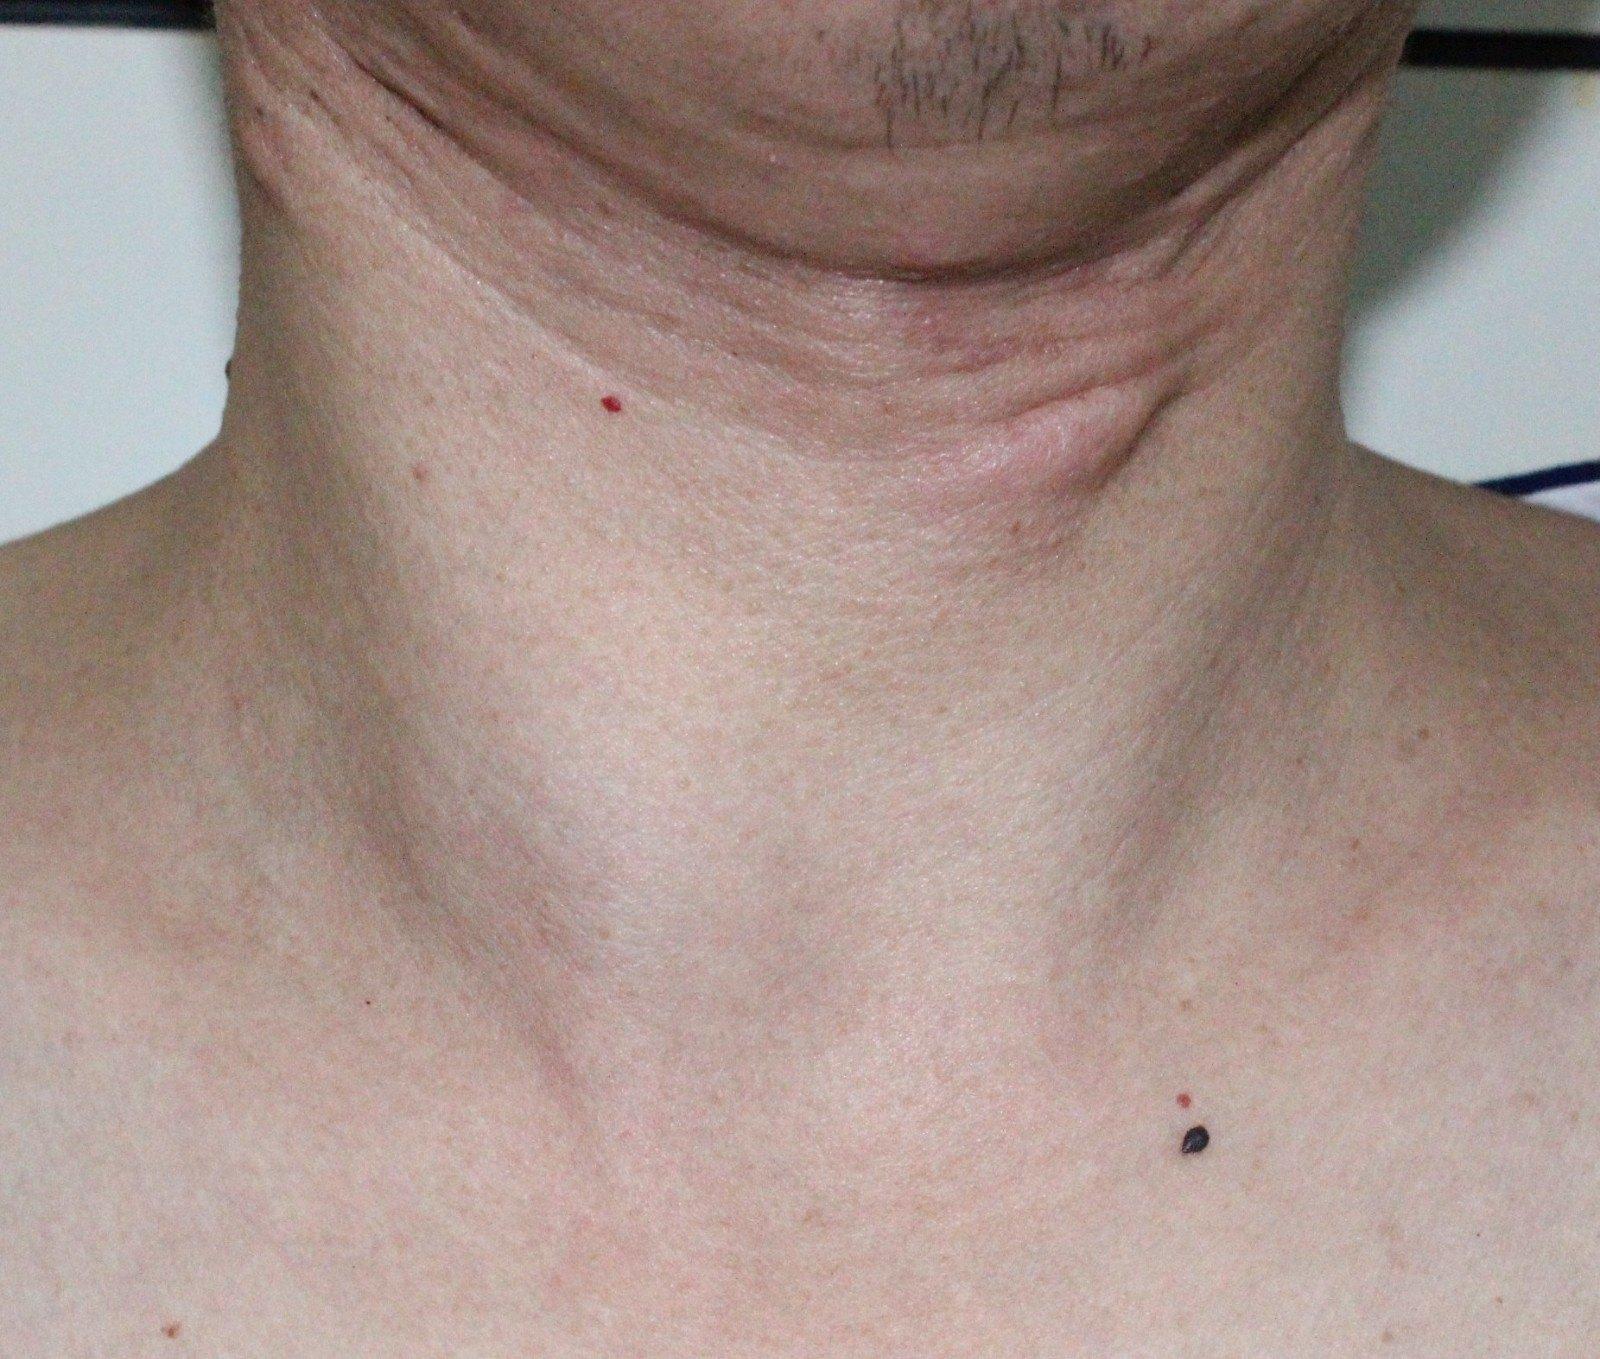 甲状腺双侧叶多发囊性结节是什么意思